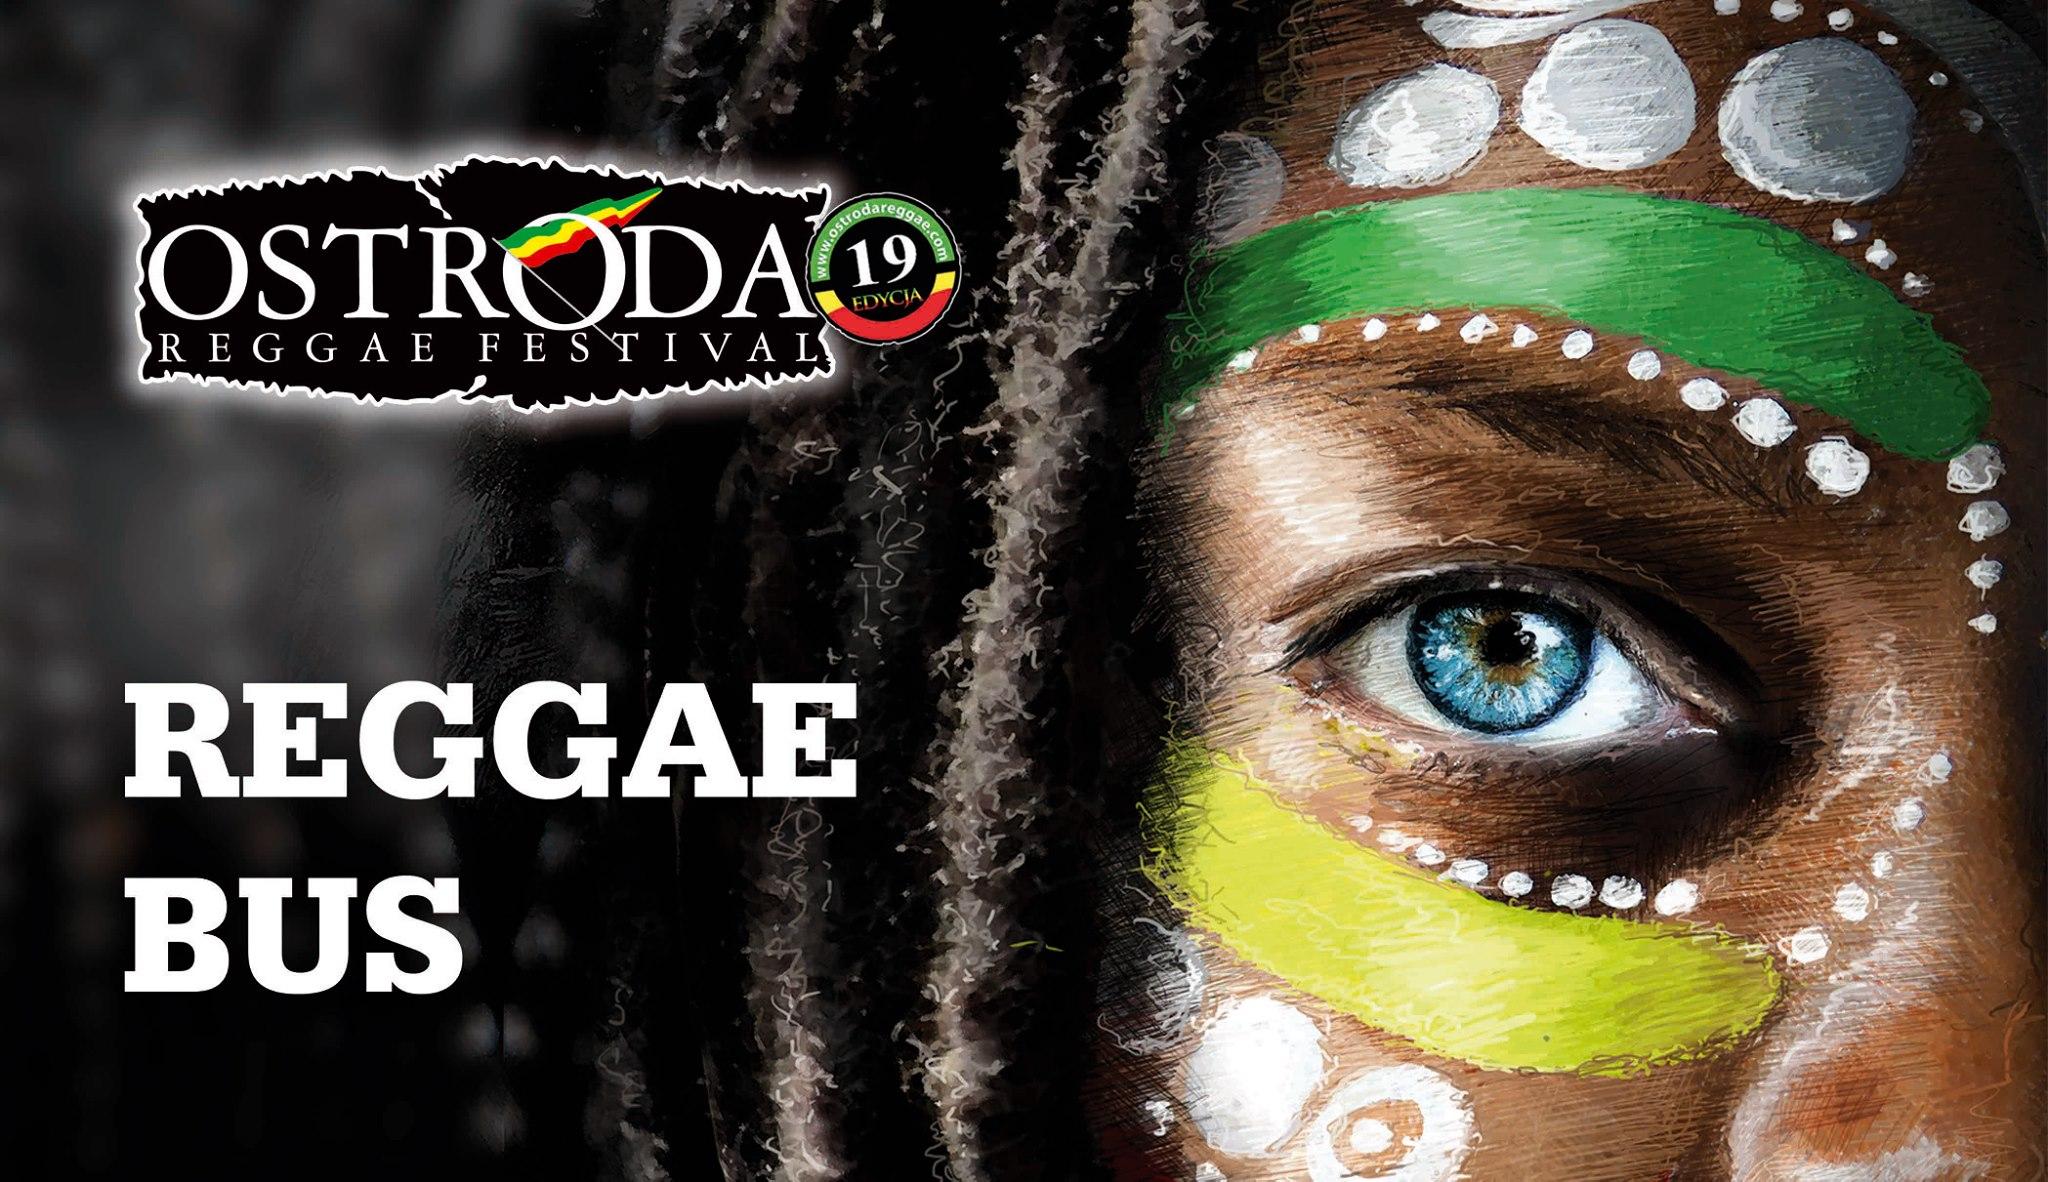 Przejedź się reggae busem!